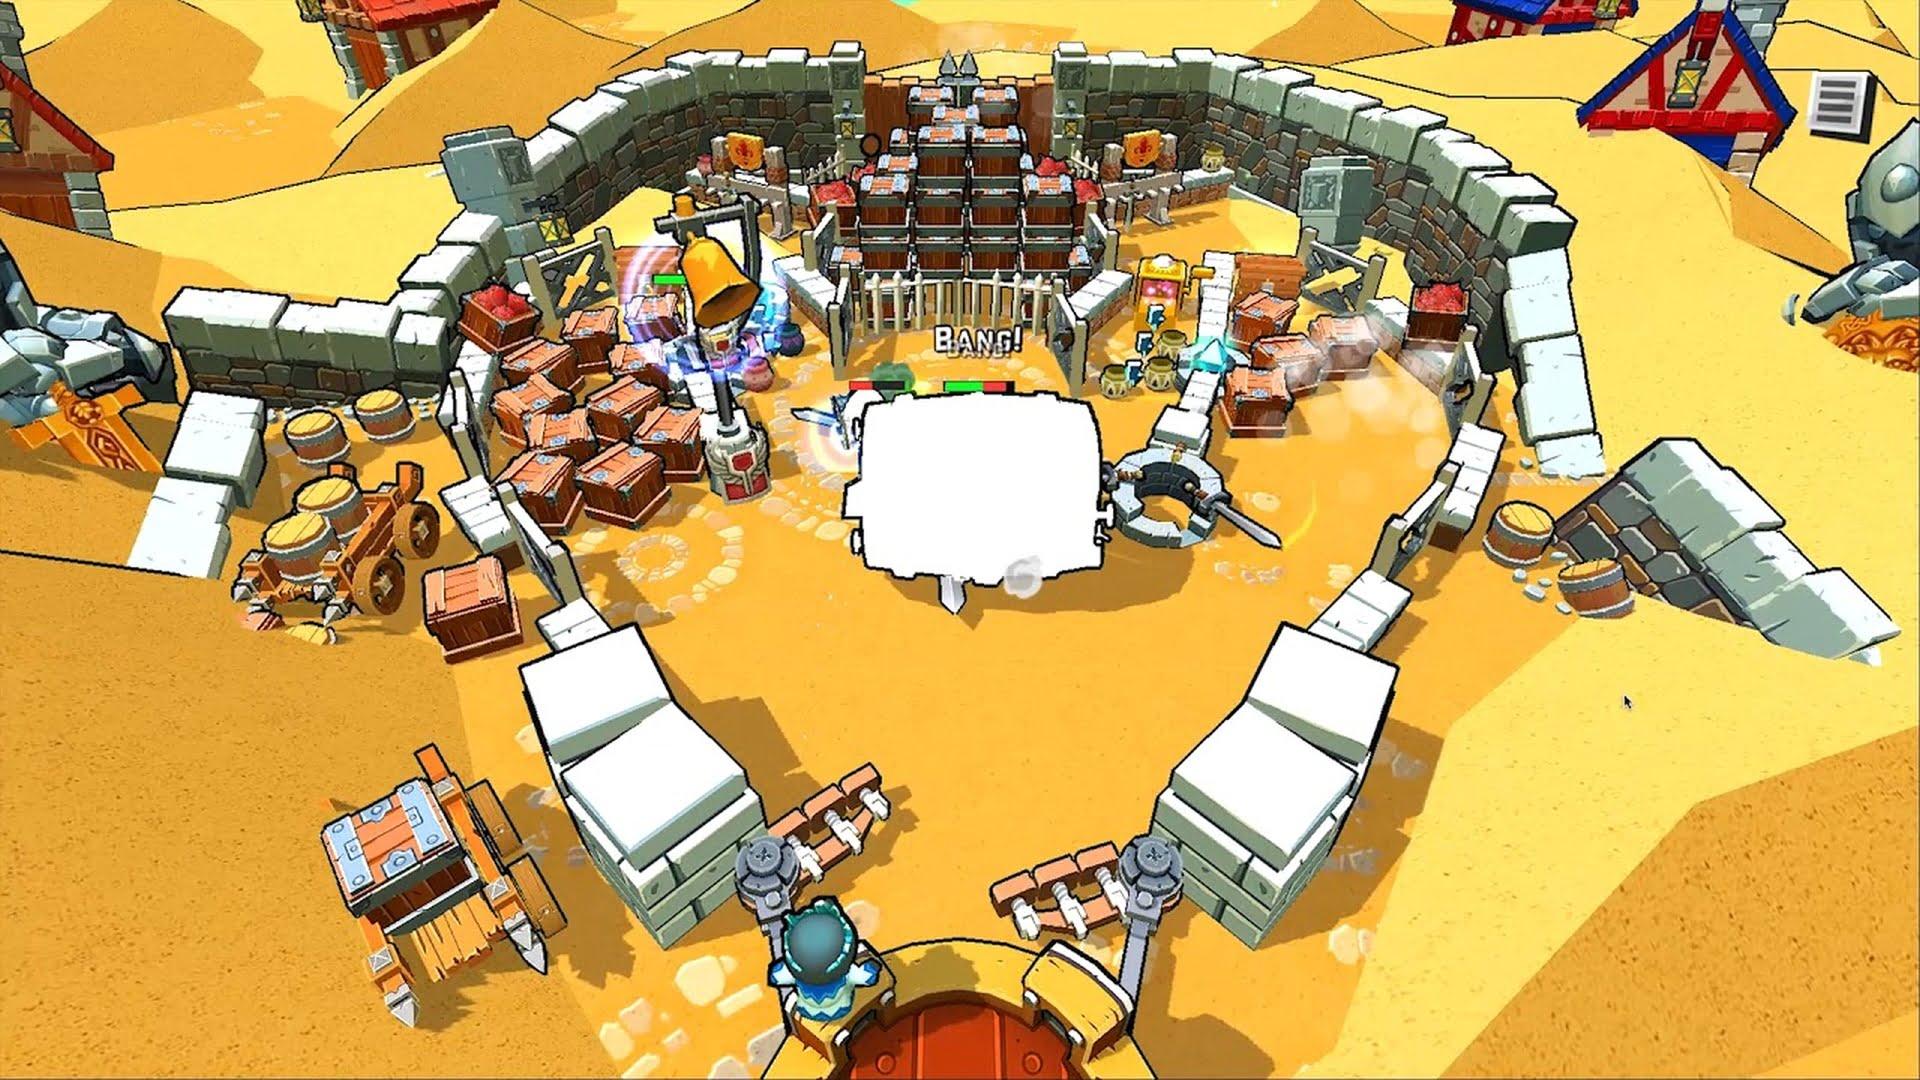 """Nowa gra """"Zombie Rollerz: Pinball Heroes"""" dostępna w Apple Arcade"""